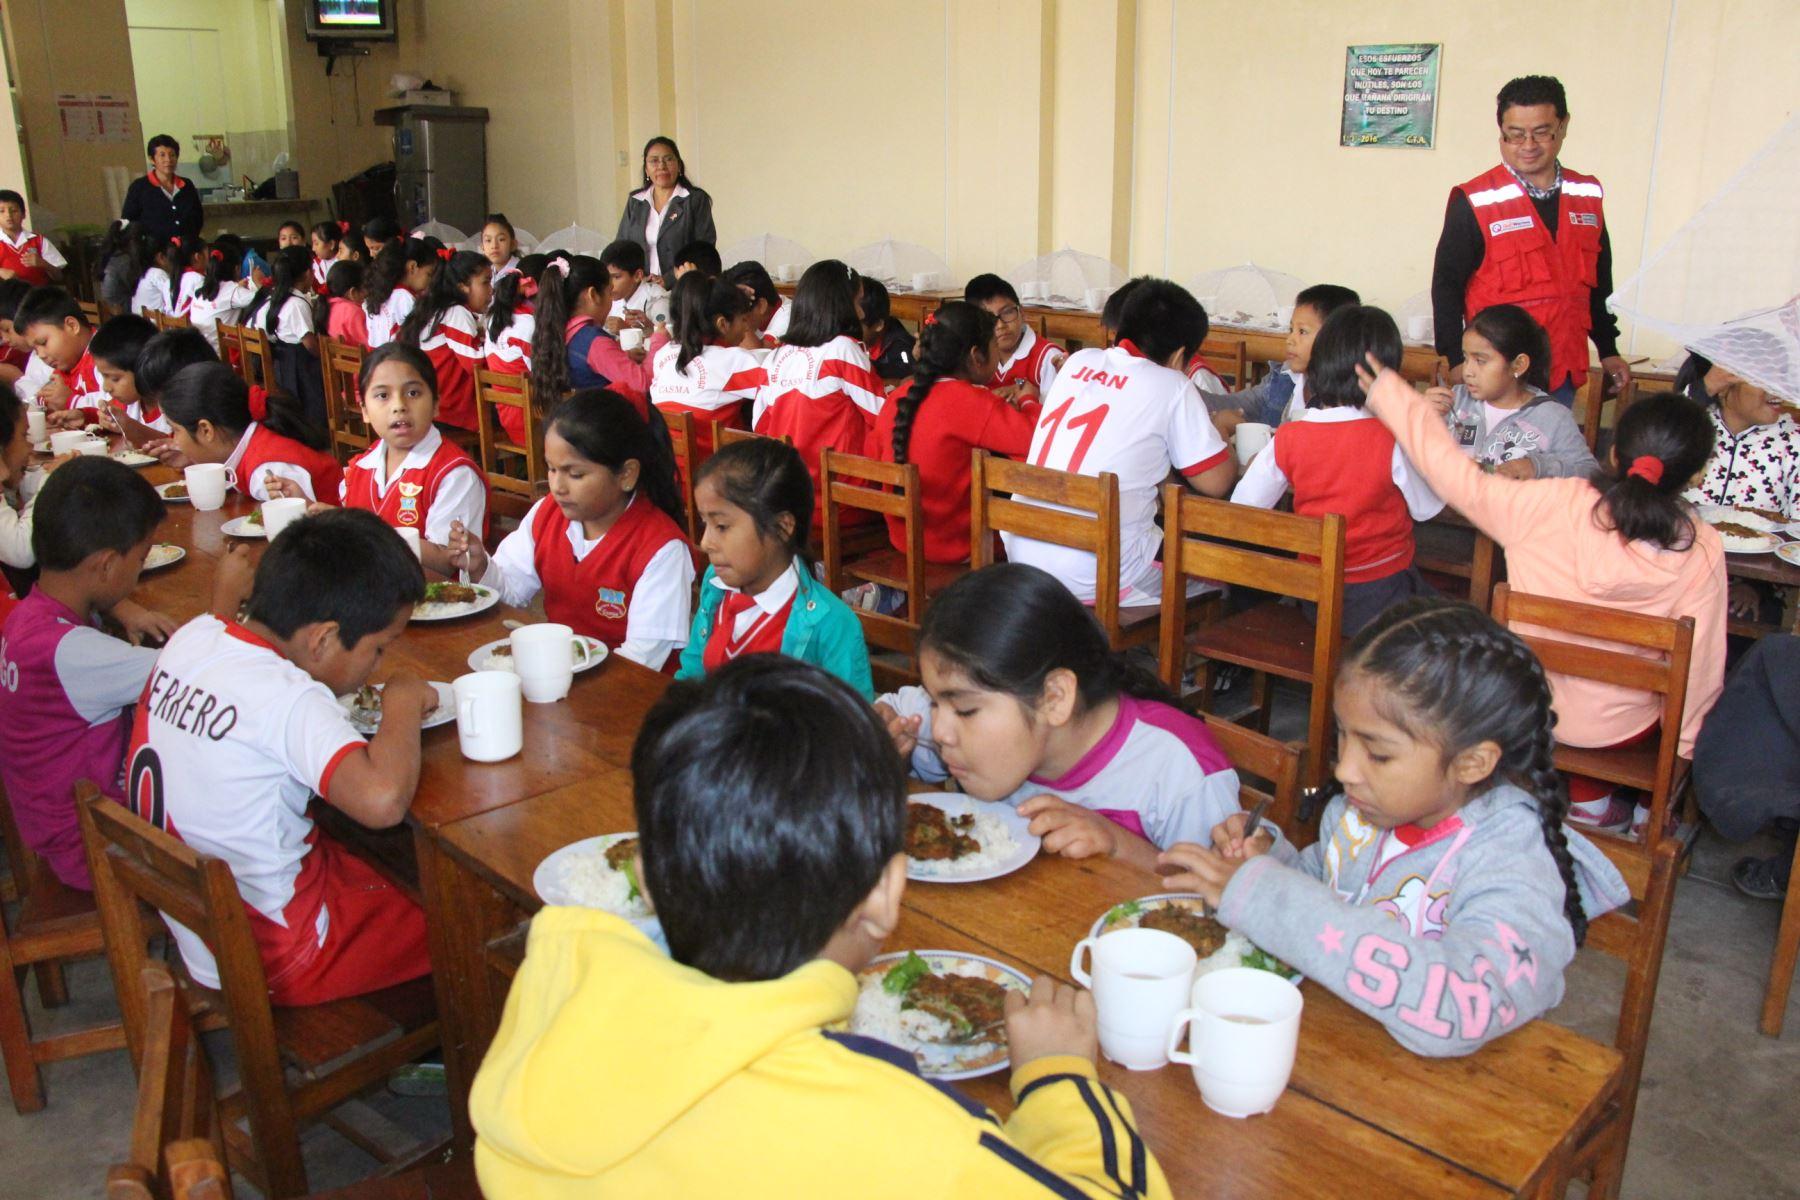 Incorporan verduras y frutas en desayunos escolares de la provincia de Casma, enÁncash. ANDINA